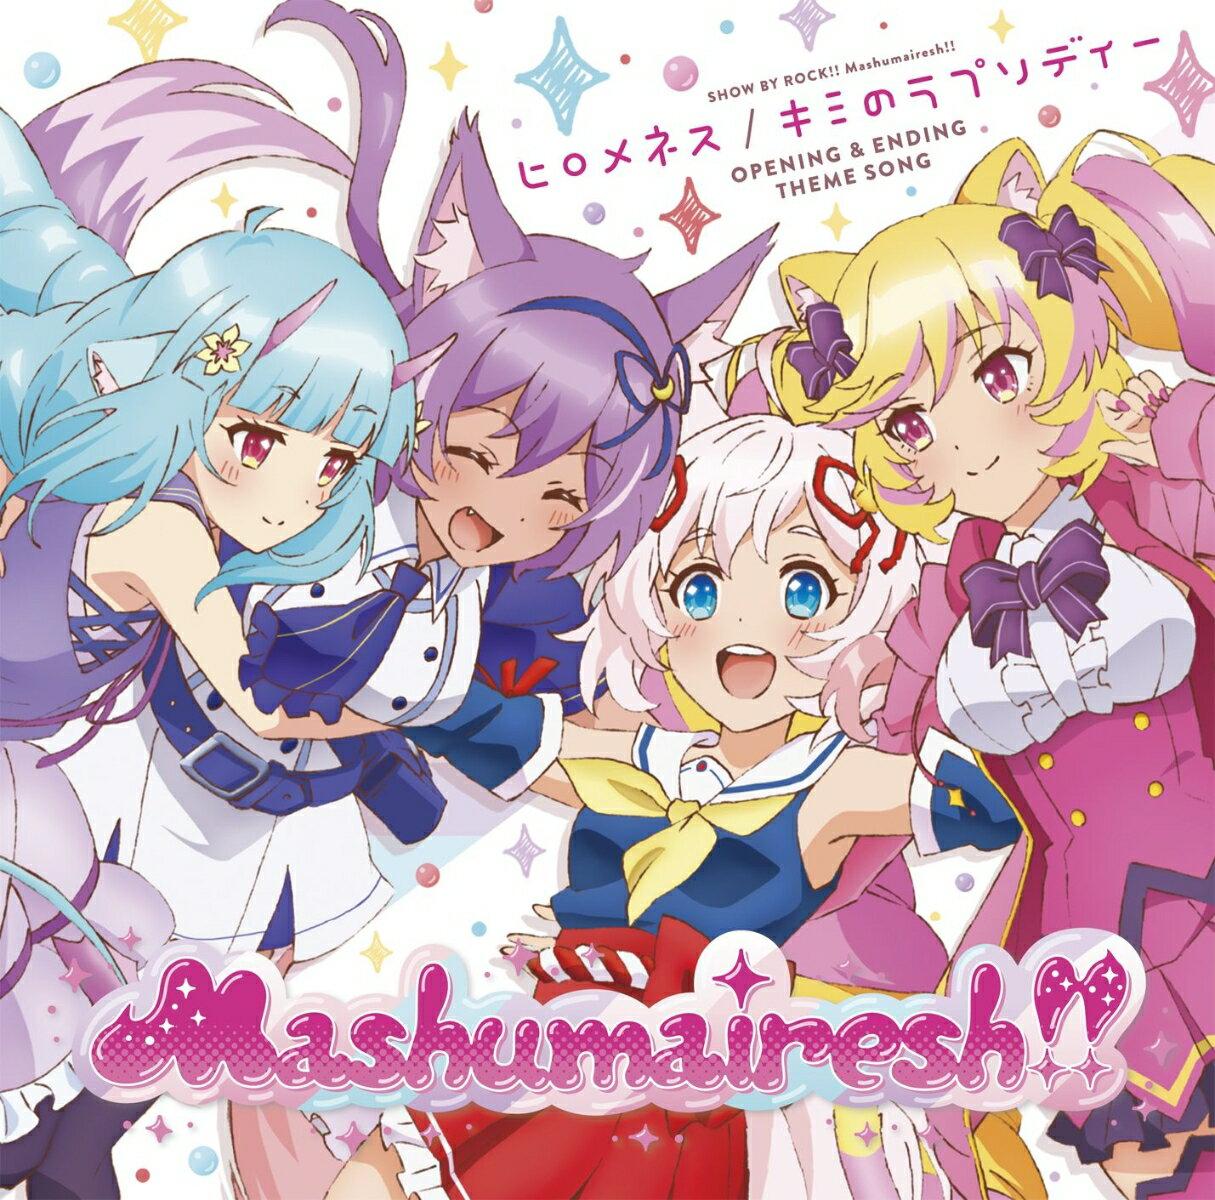 TVアニメ「SHOW BY ROCK!!ましゅまいれっしゅ!!」OP&ED主題歌『ヒロメネス/キミのラプソディー』画像